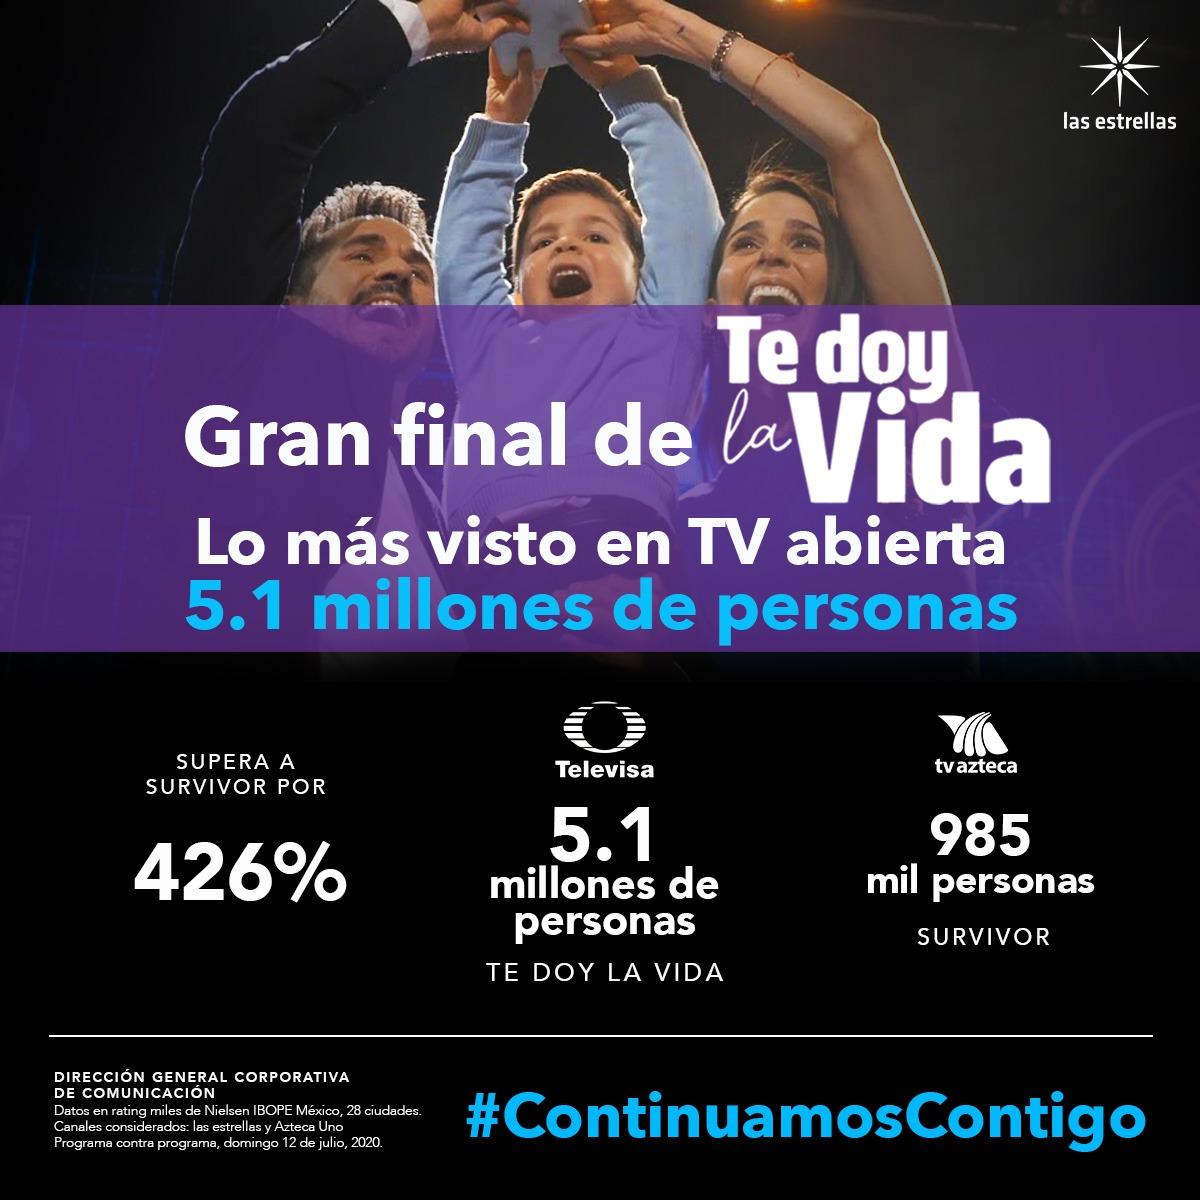 💥¡Rompe el rating en su GRAN final!💥 @TeDoyLaVidaOf se colocó como lo MÁS VISTO en TV abierta🔝📺; fue sintonizada por 5.1 millones de personas y superó a la competencia por 426%🤩🎉.  #ContinuamosContigo con los mejores melodramas de la TV mexicana😘😍.